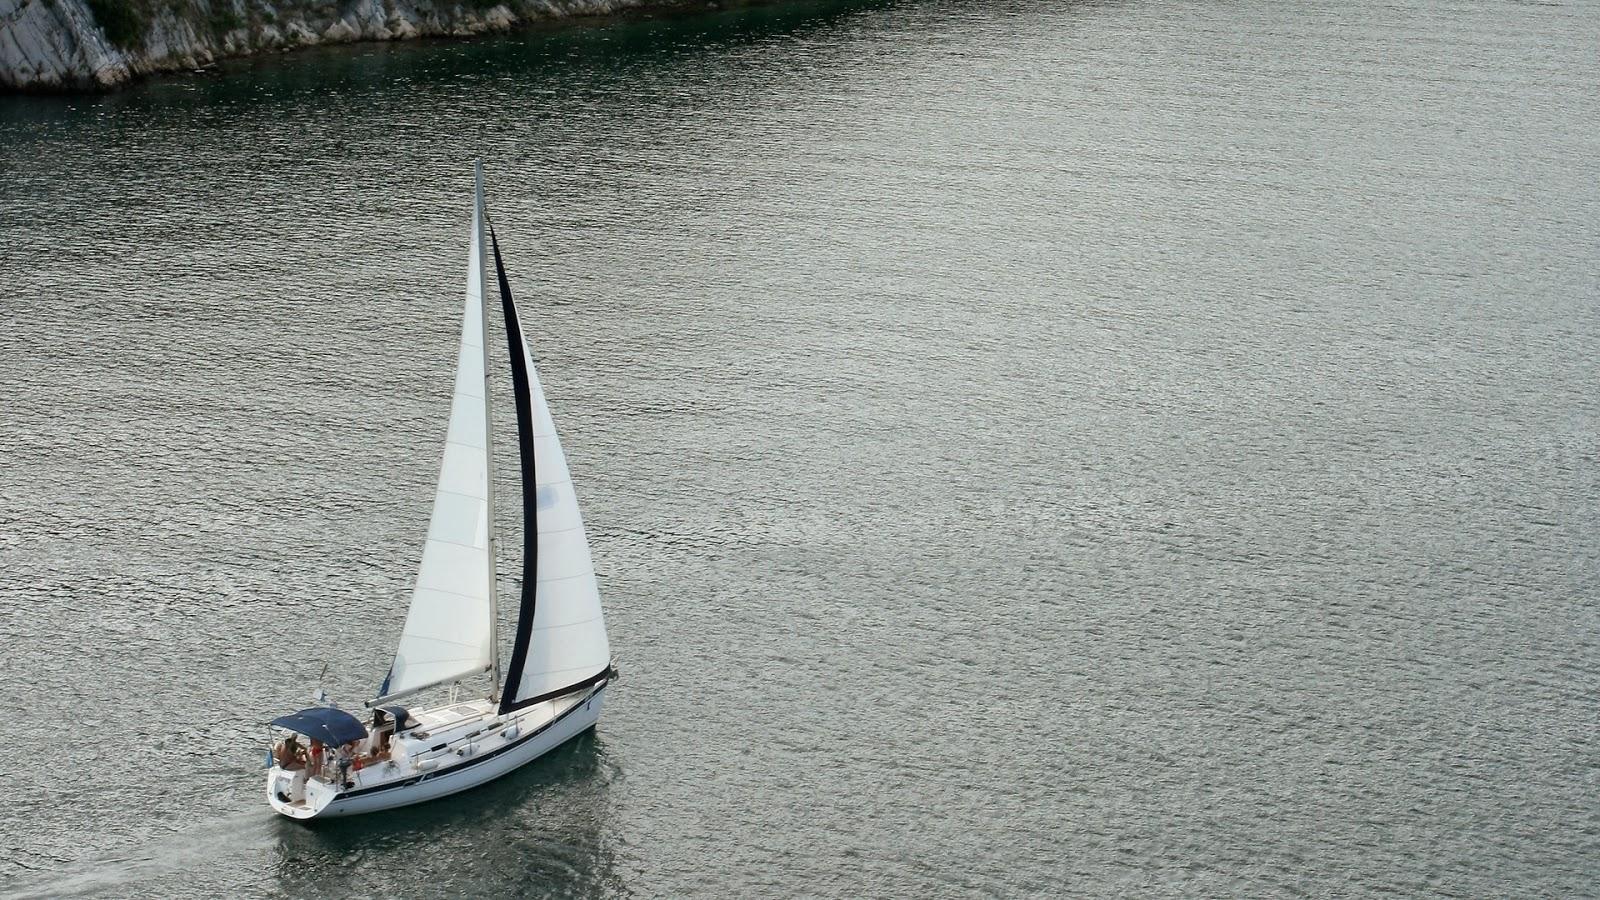 Boat in Sea Wallpaper